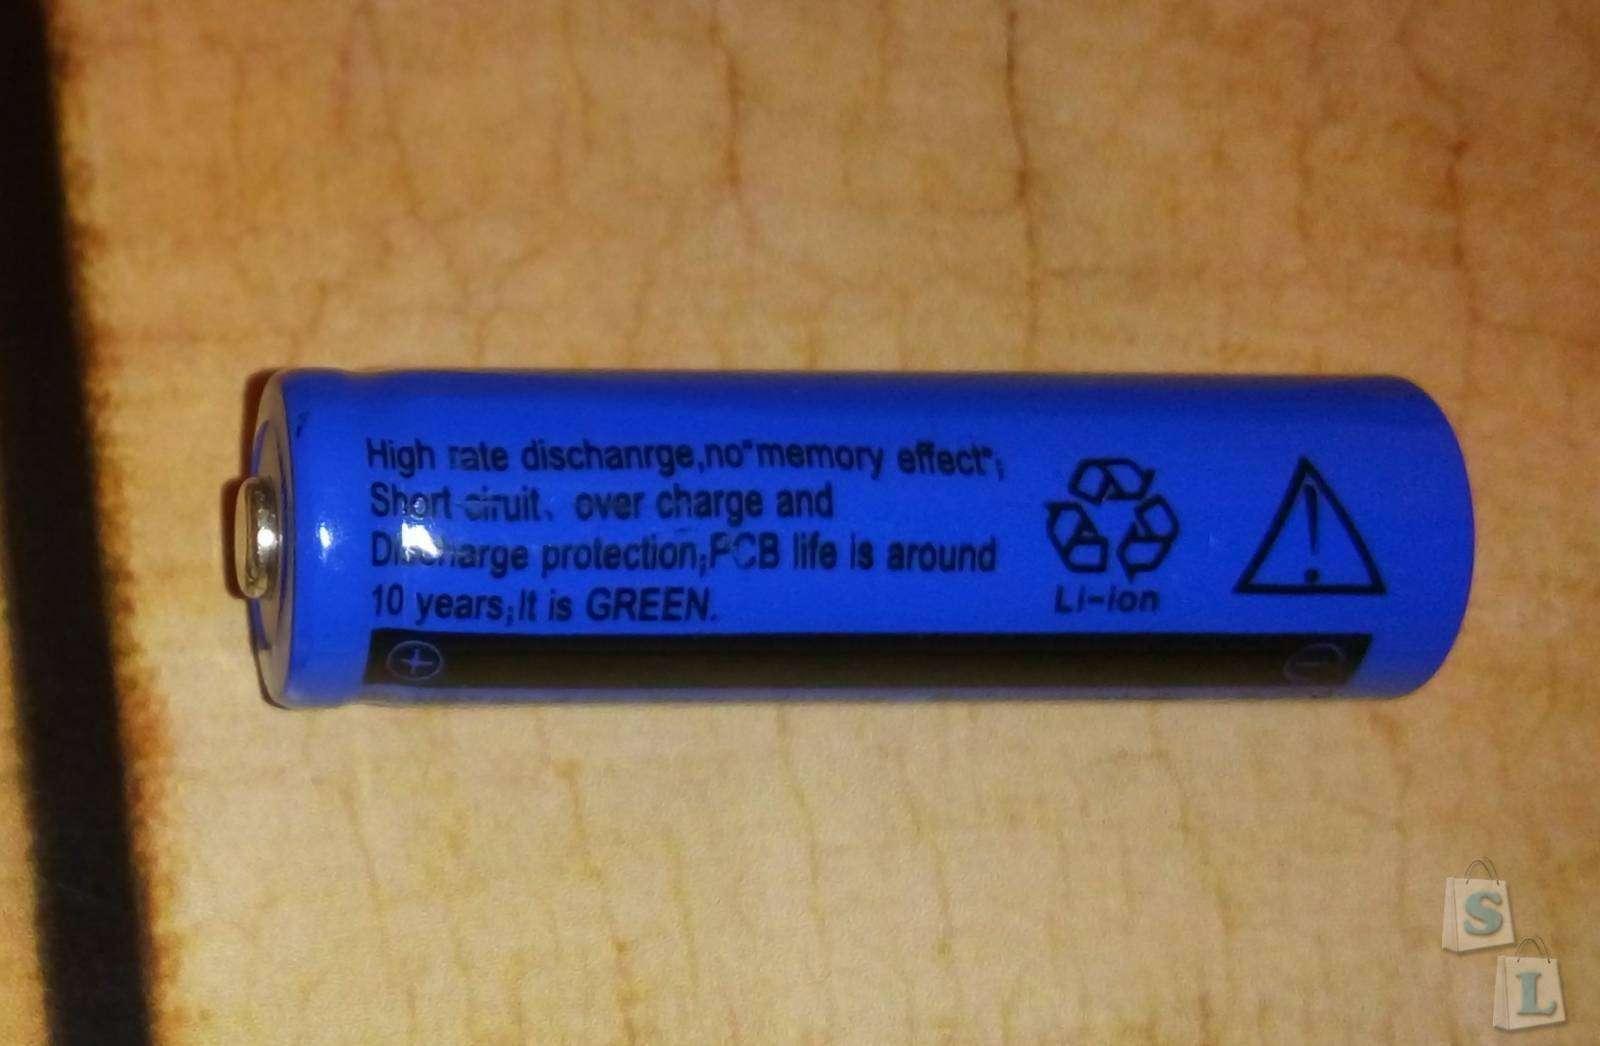 Banggood: Аккумулятор Ultrafire LiOn 14500 3,7 V 1200 mAh - замер реальной емкости, чуда не будет